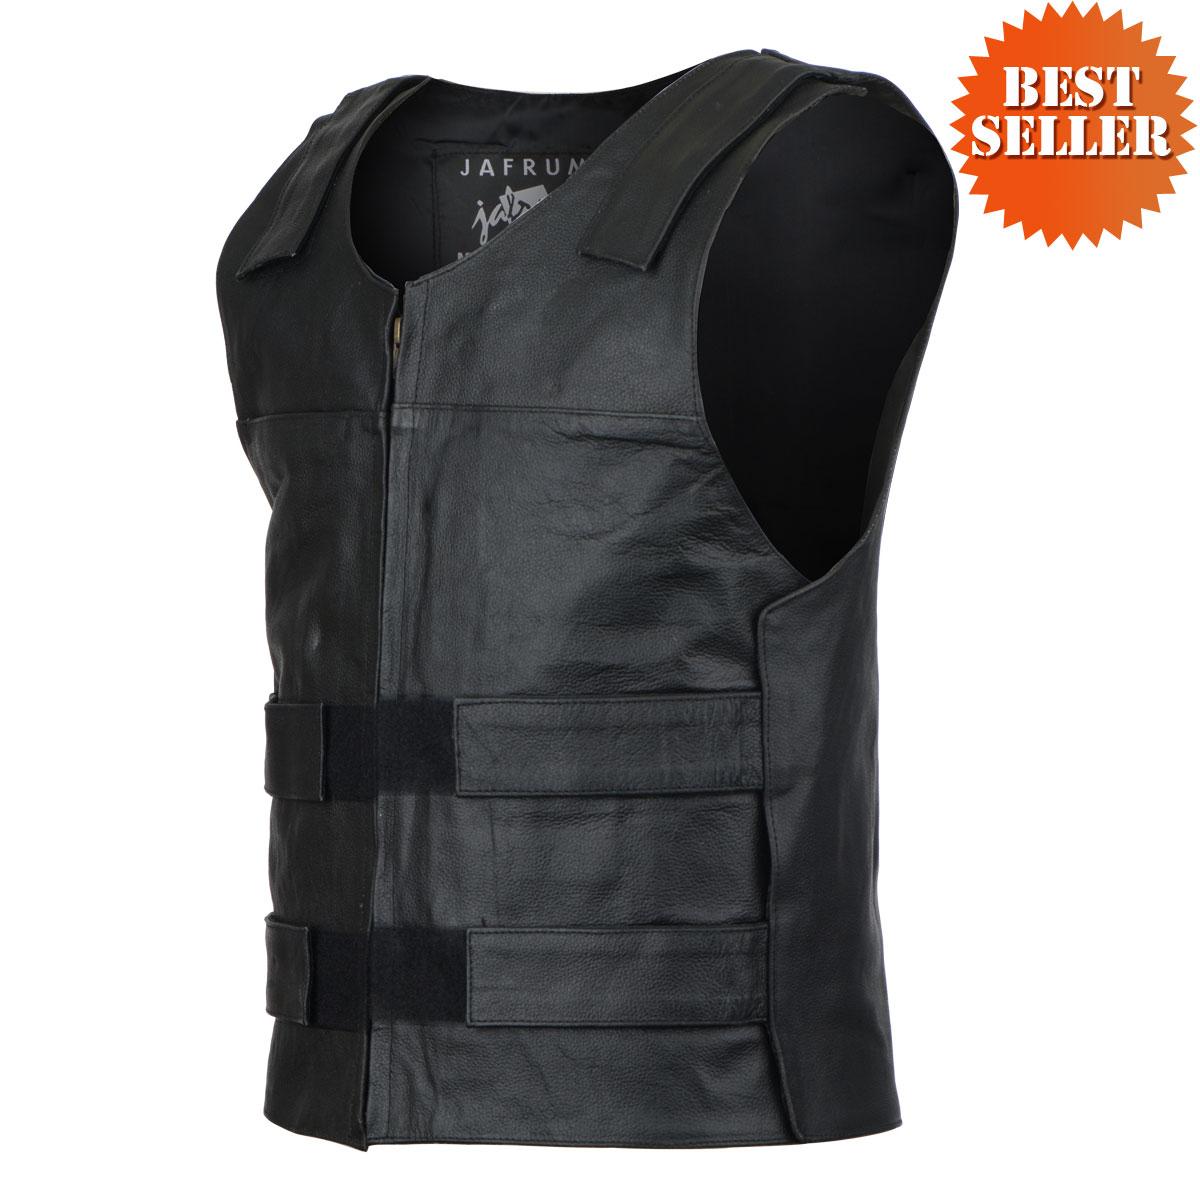 bullet proof style leather vest CSHVAOP